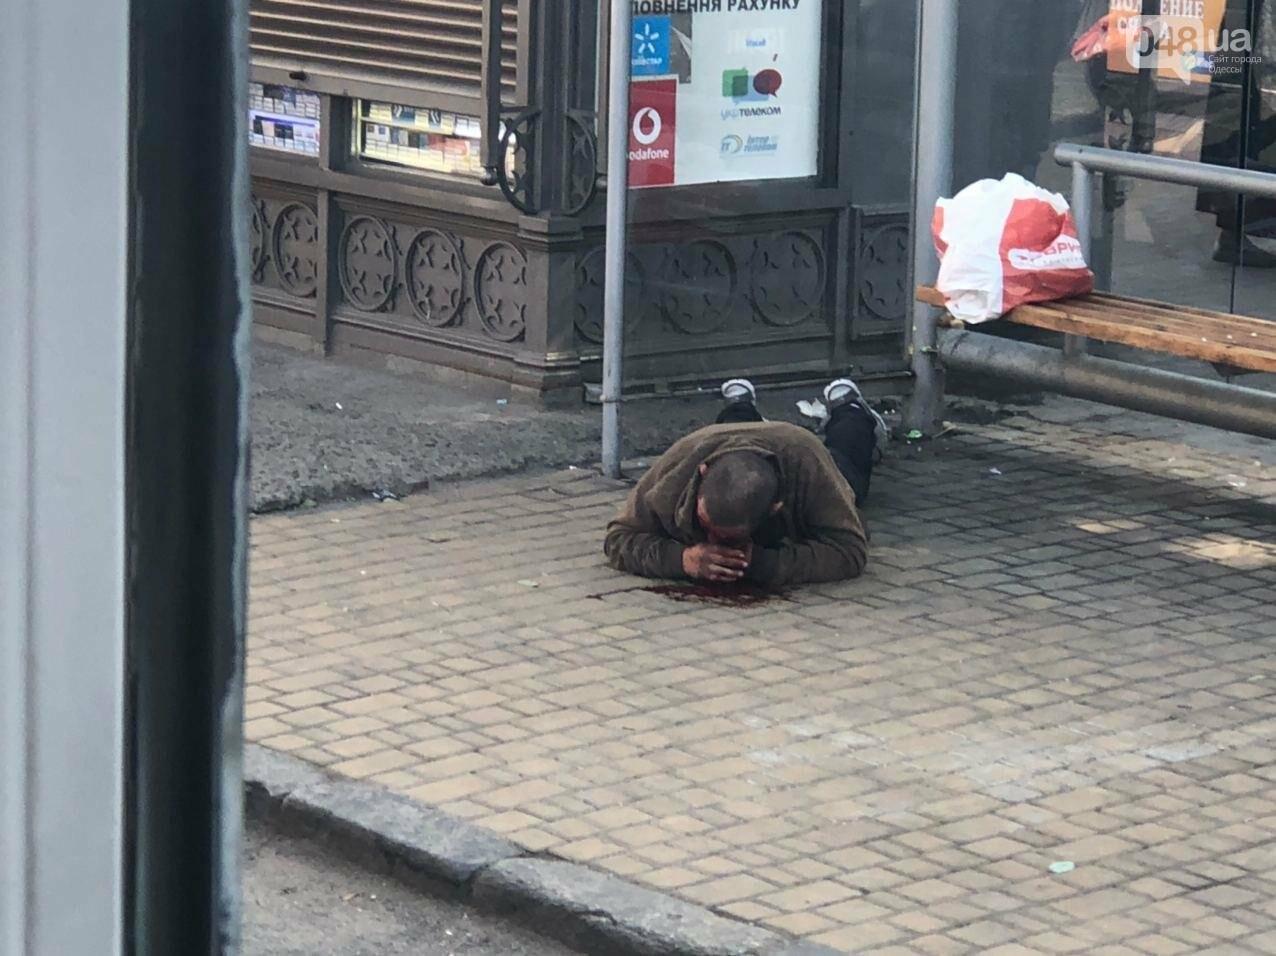 В Одессе на остановке возле Привоза лежит мужчина в луже крови, - ФОТО1